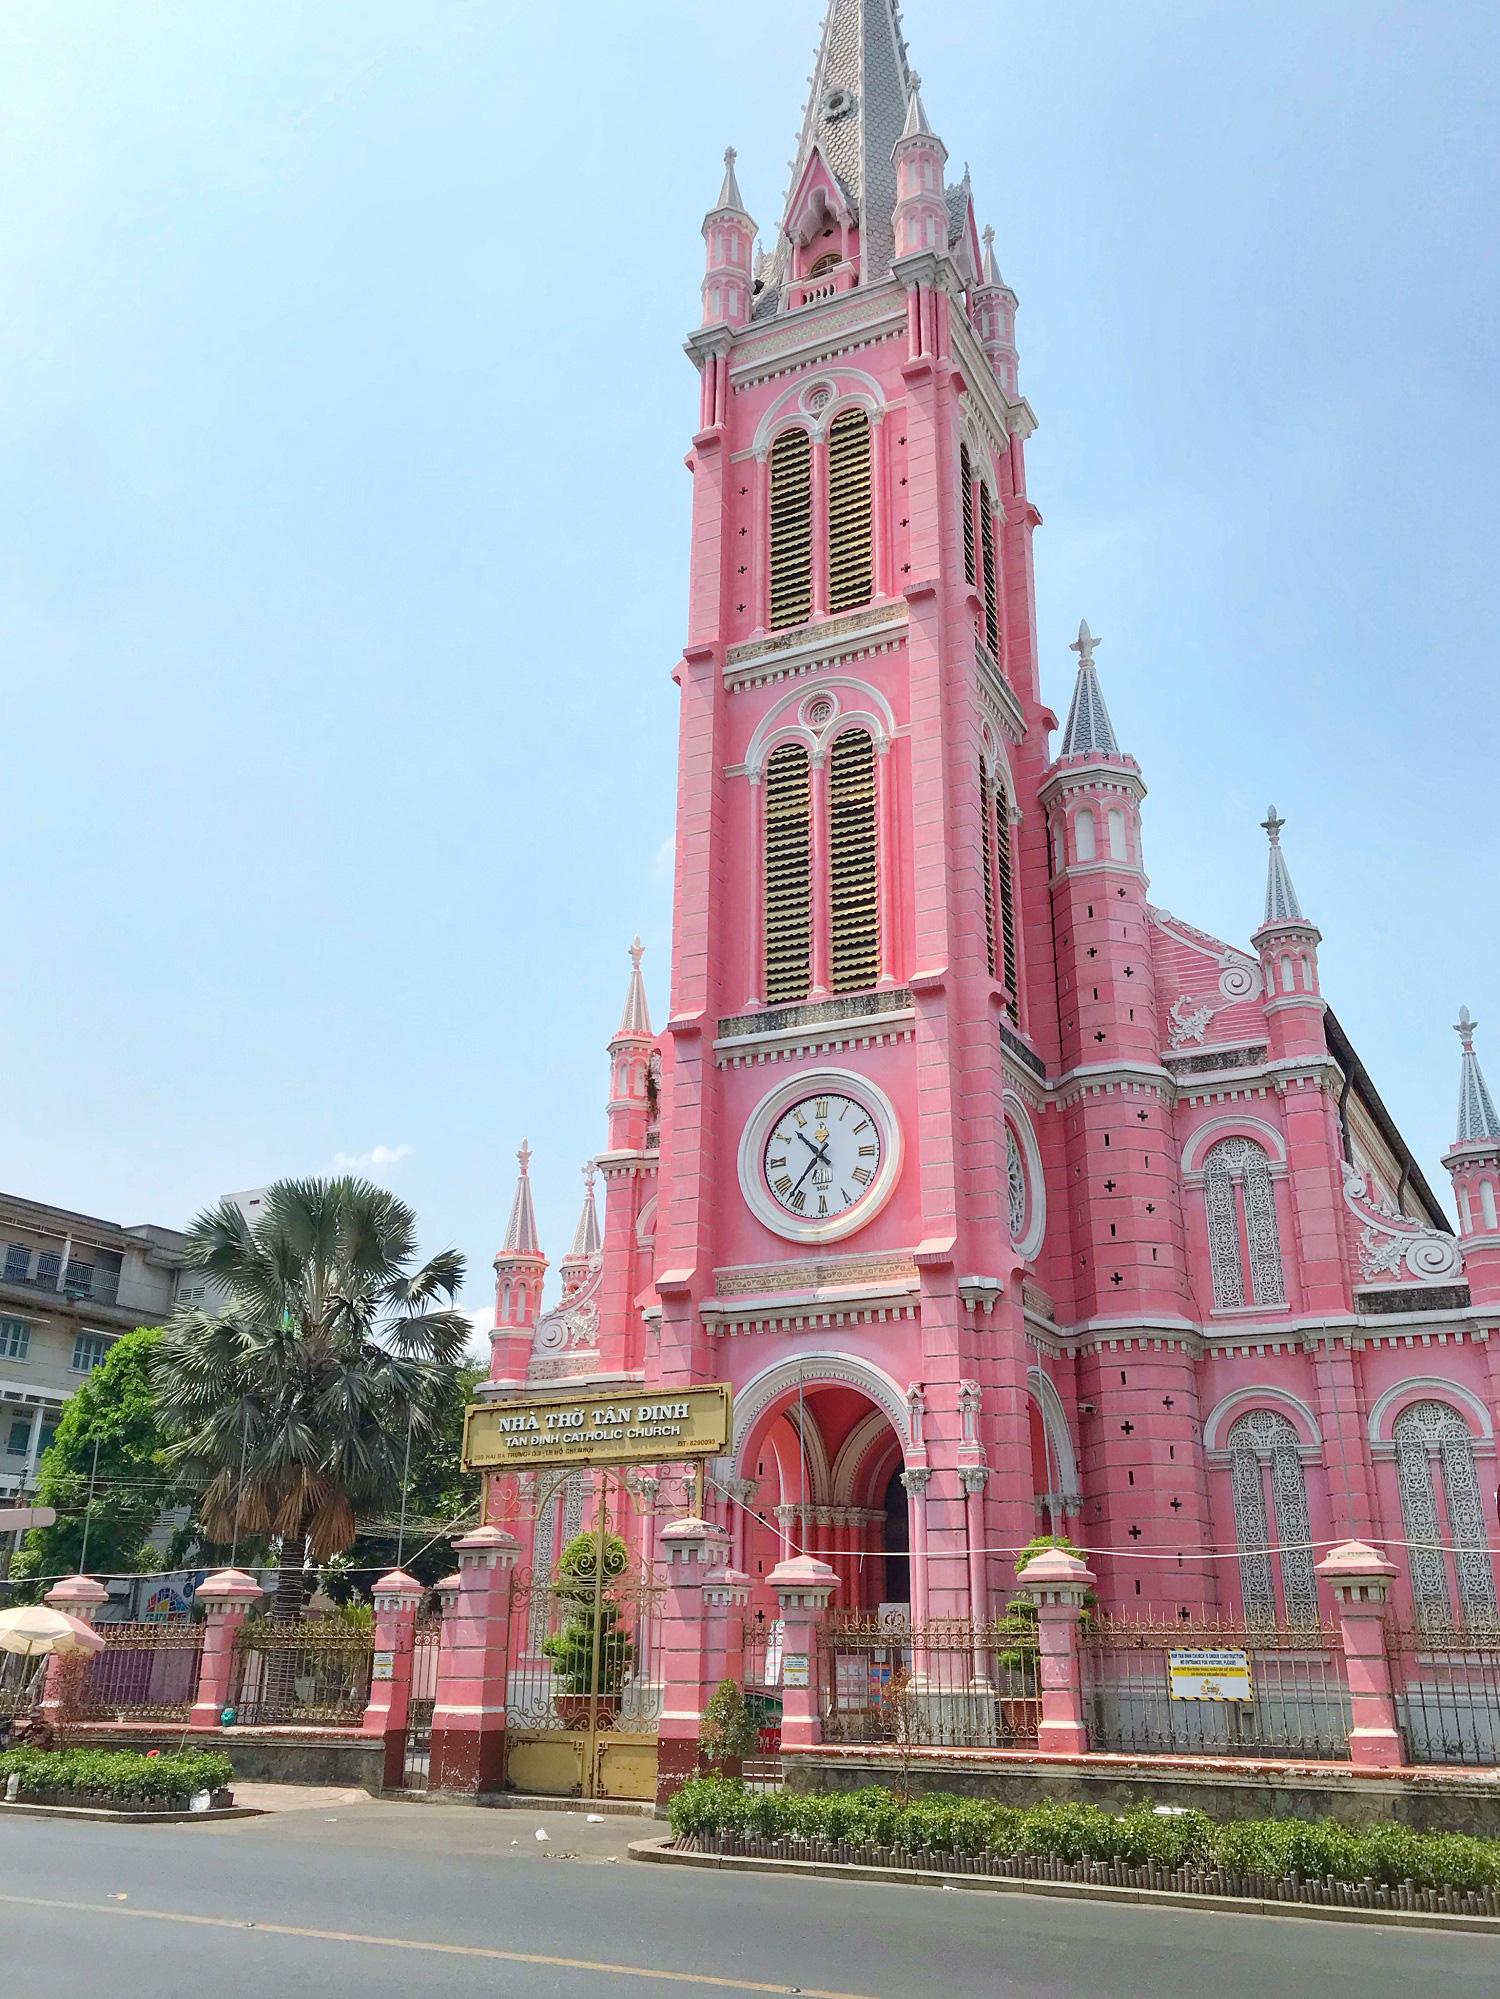 Các điểm du lịch tại TP.HCM vắng hoàn toàn sau quyết định dừng nhập cảnh người nước ngoài vào Việt Nam - Ảnh 10.